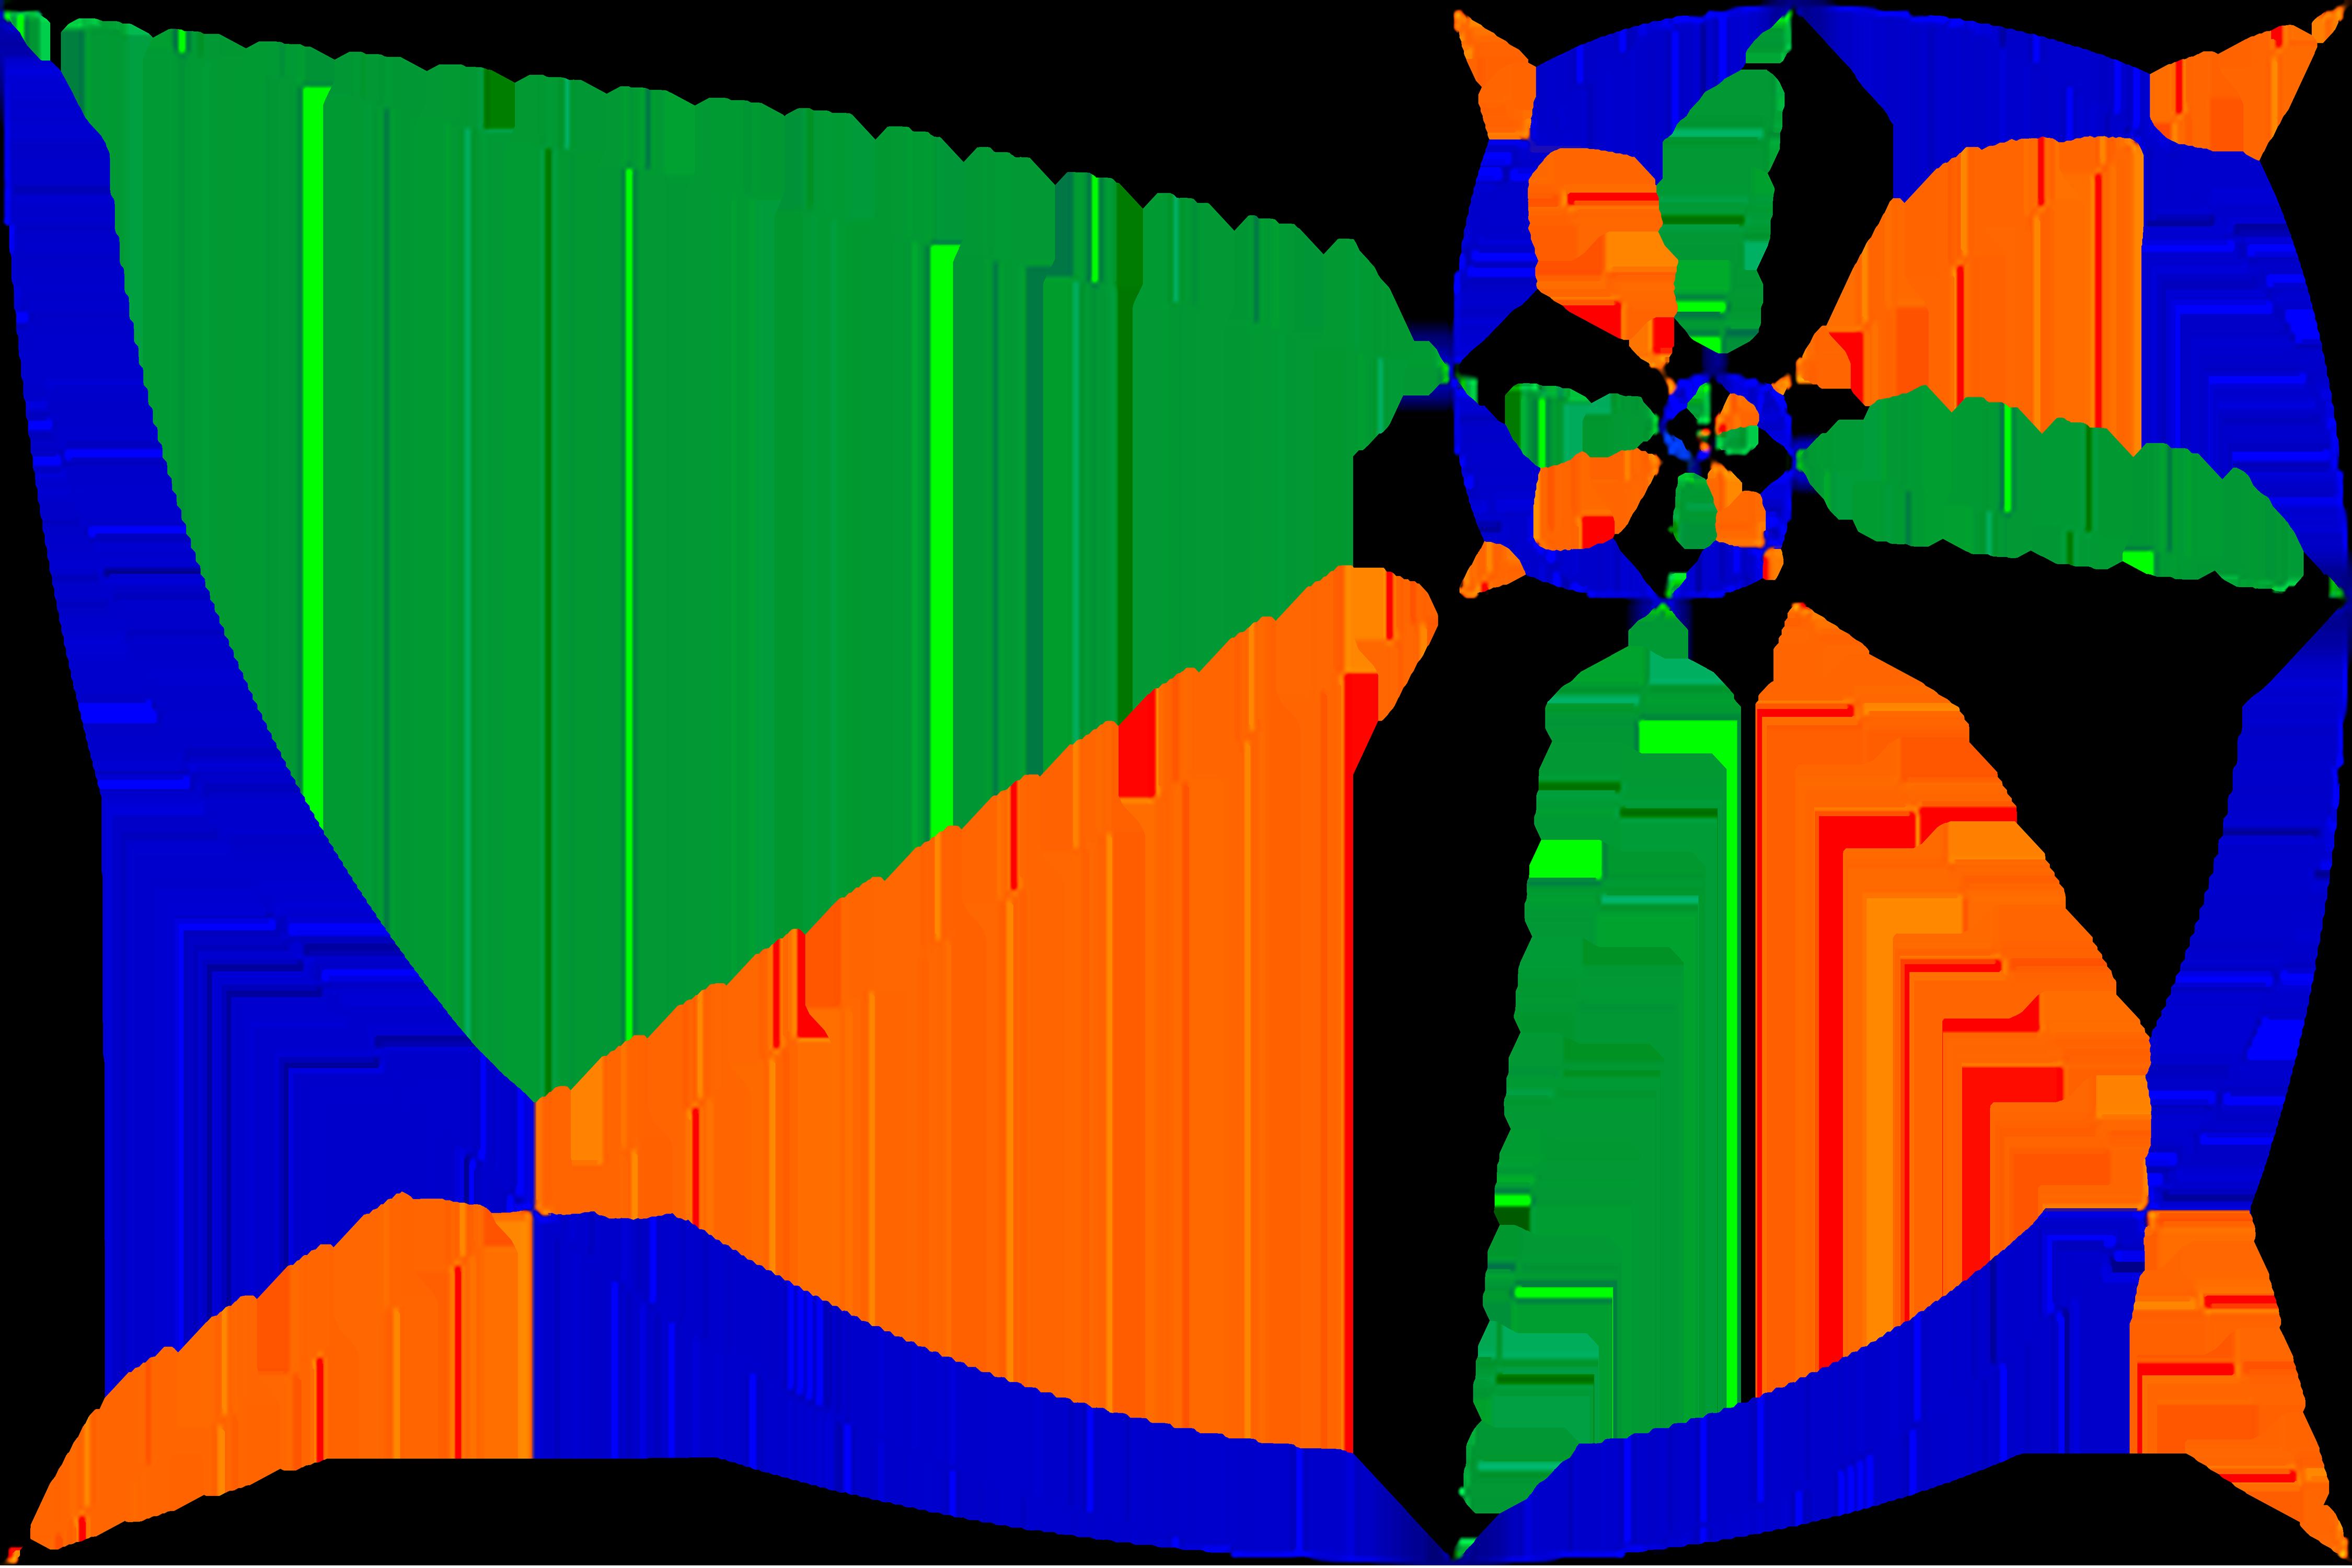 Golden Ratio Overlays